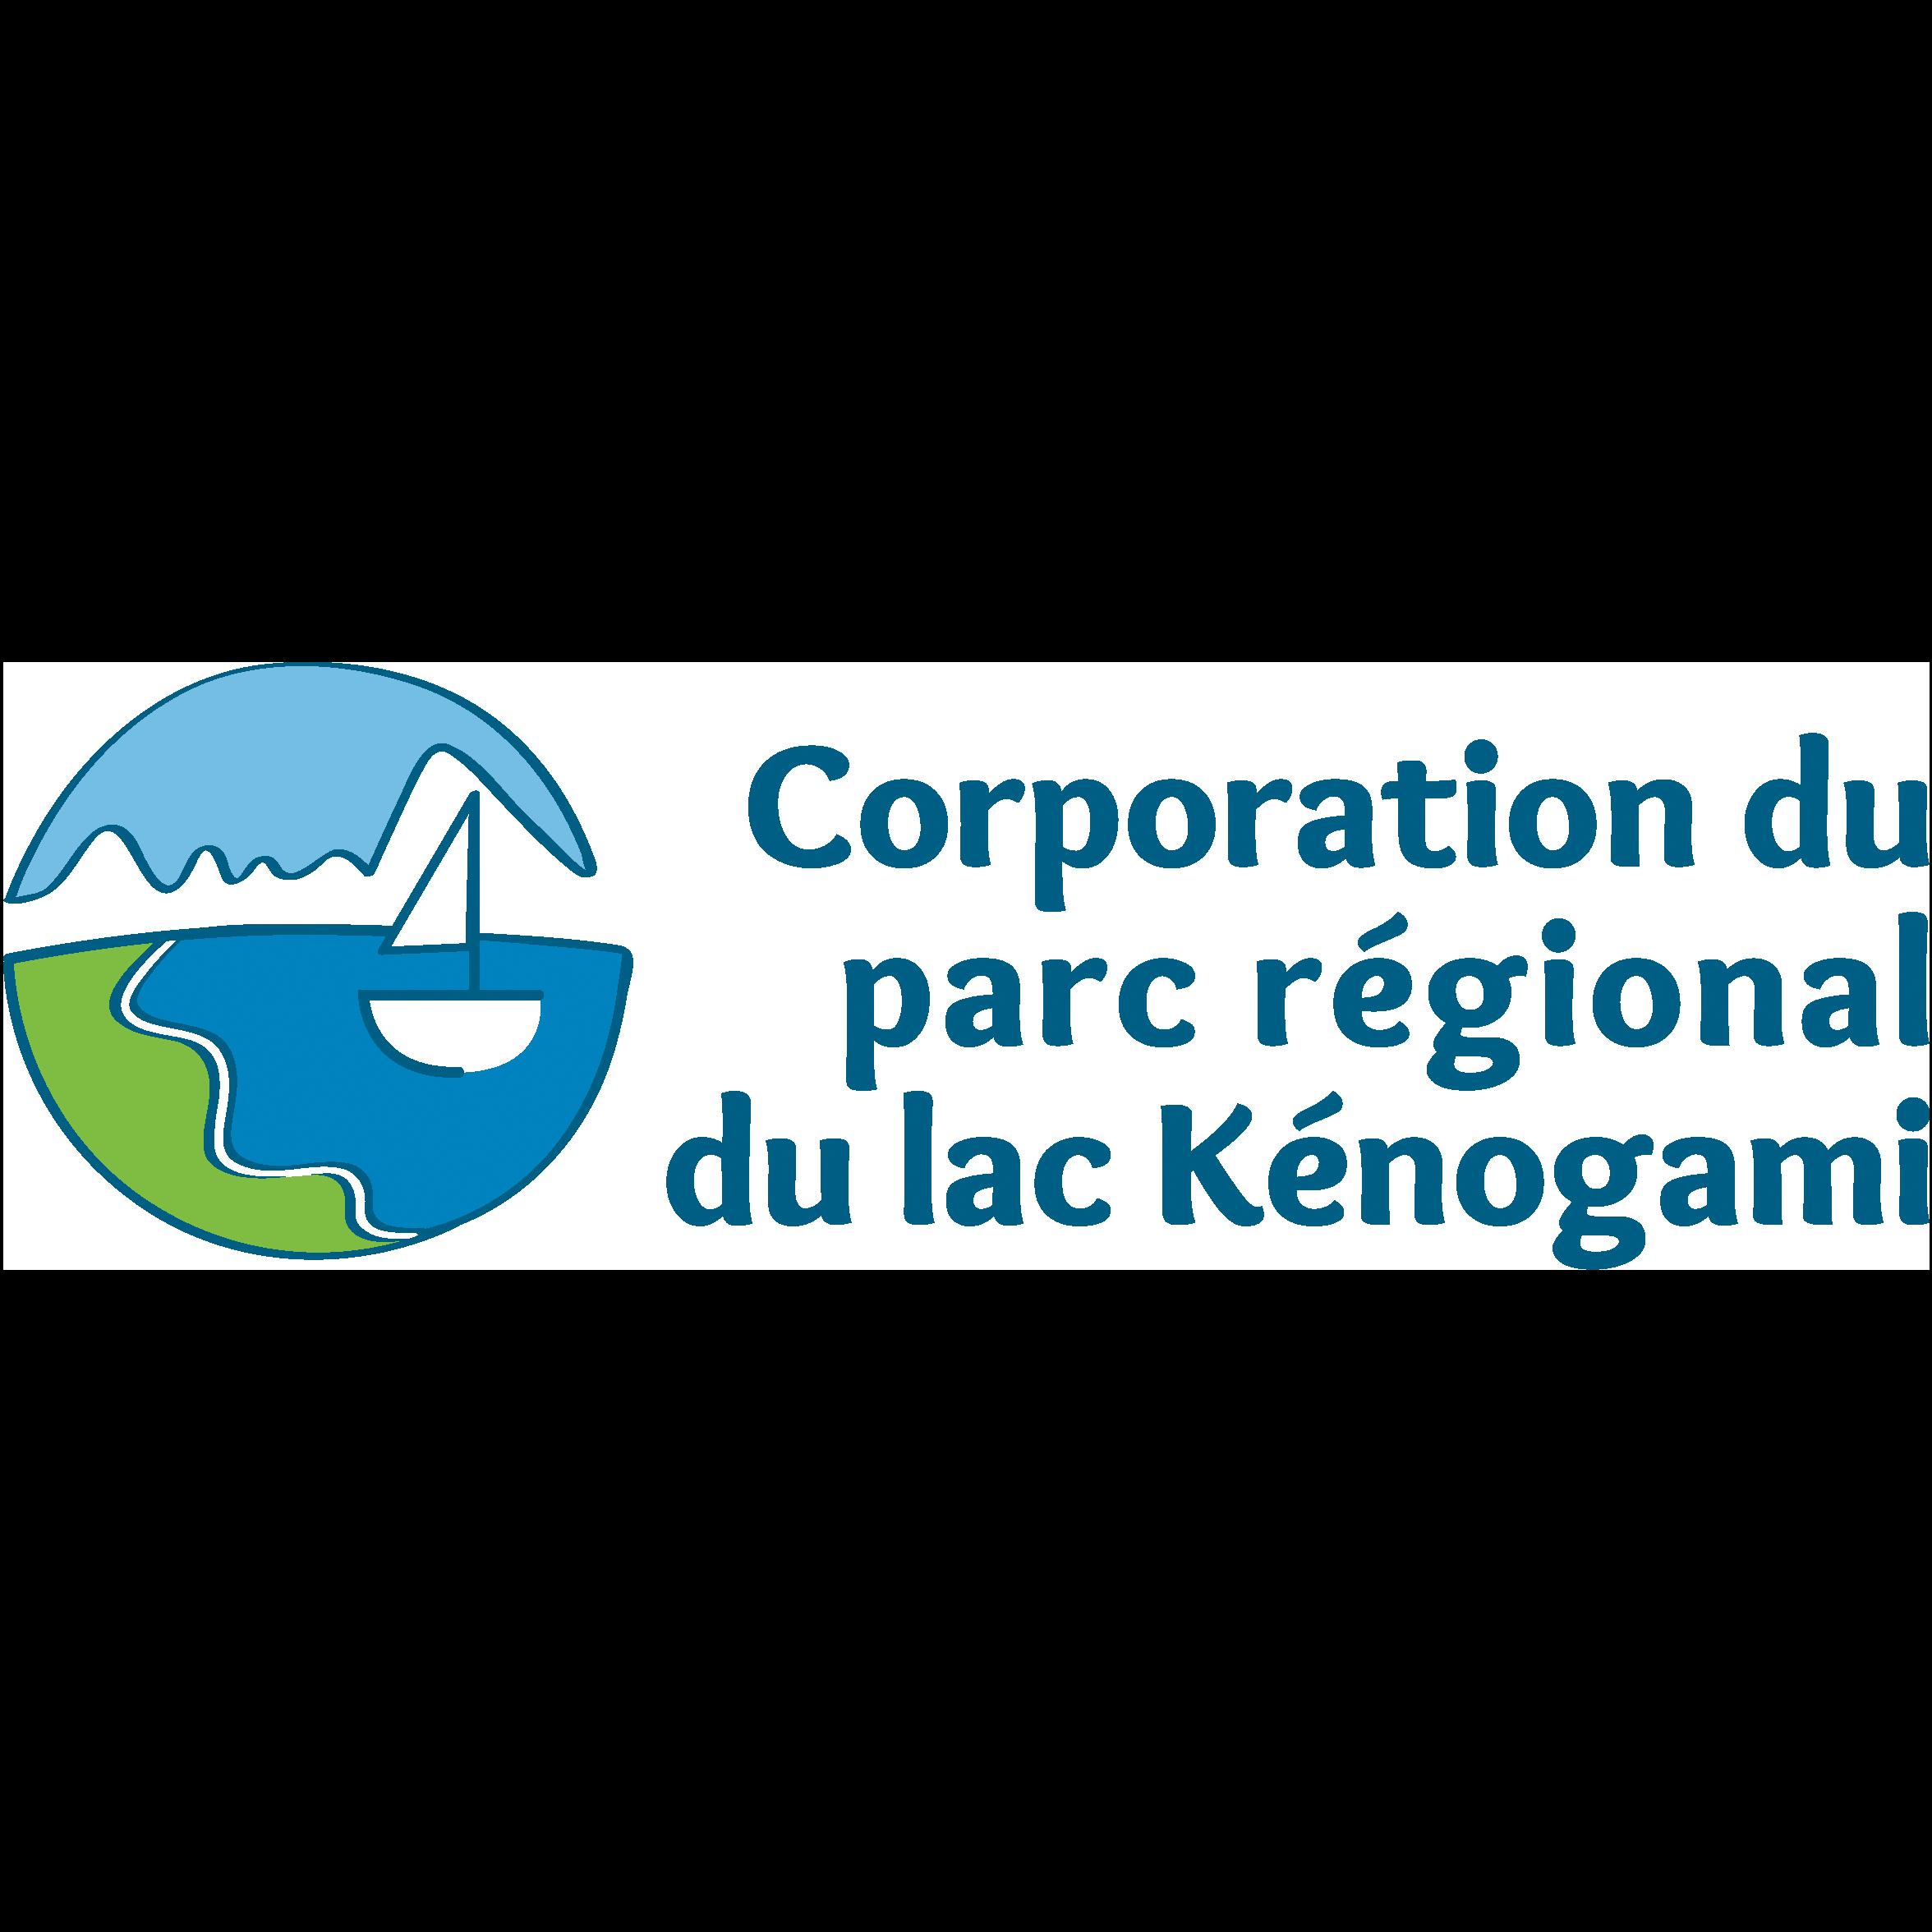 Corporation du parc régional du lac Kénogami